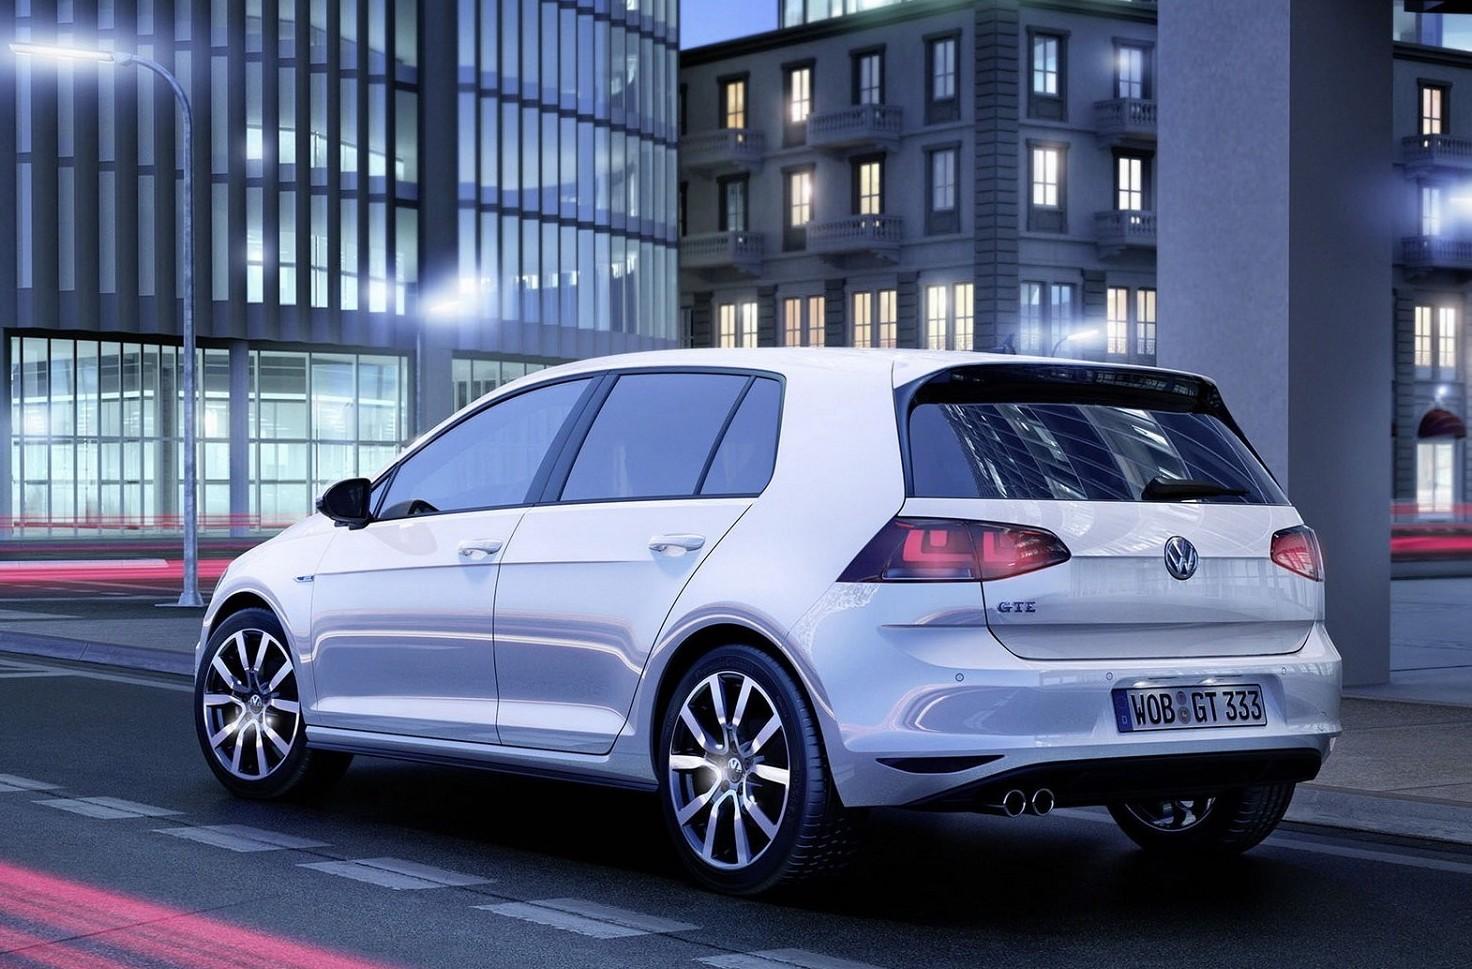 Auto ibride Volkswagen 2019 nuove in arr